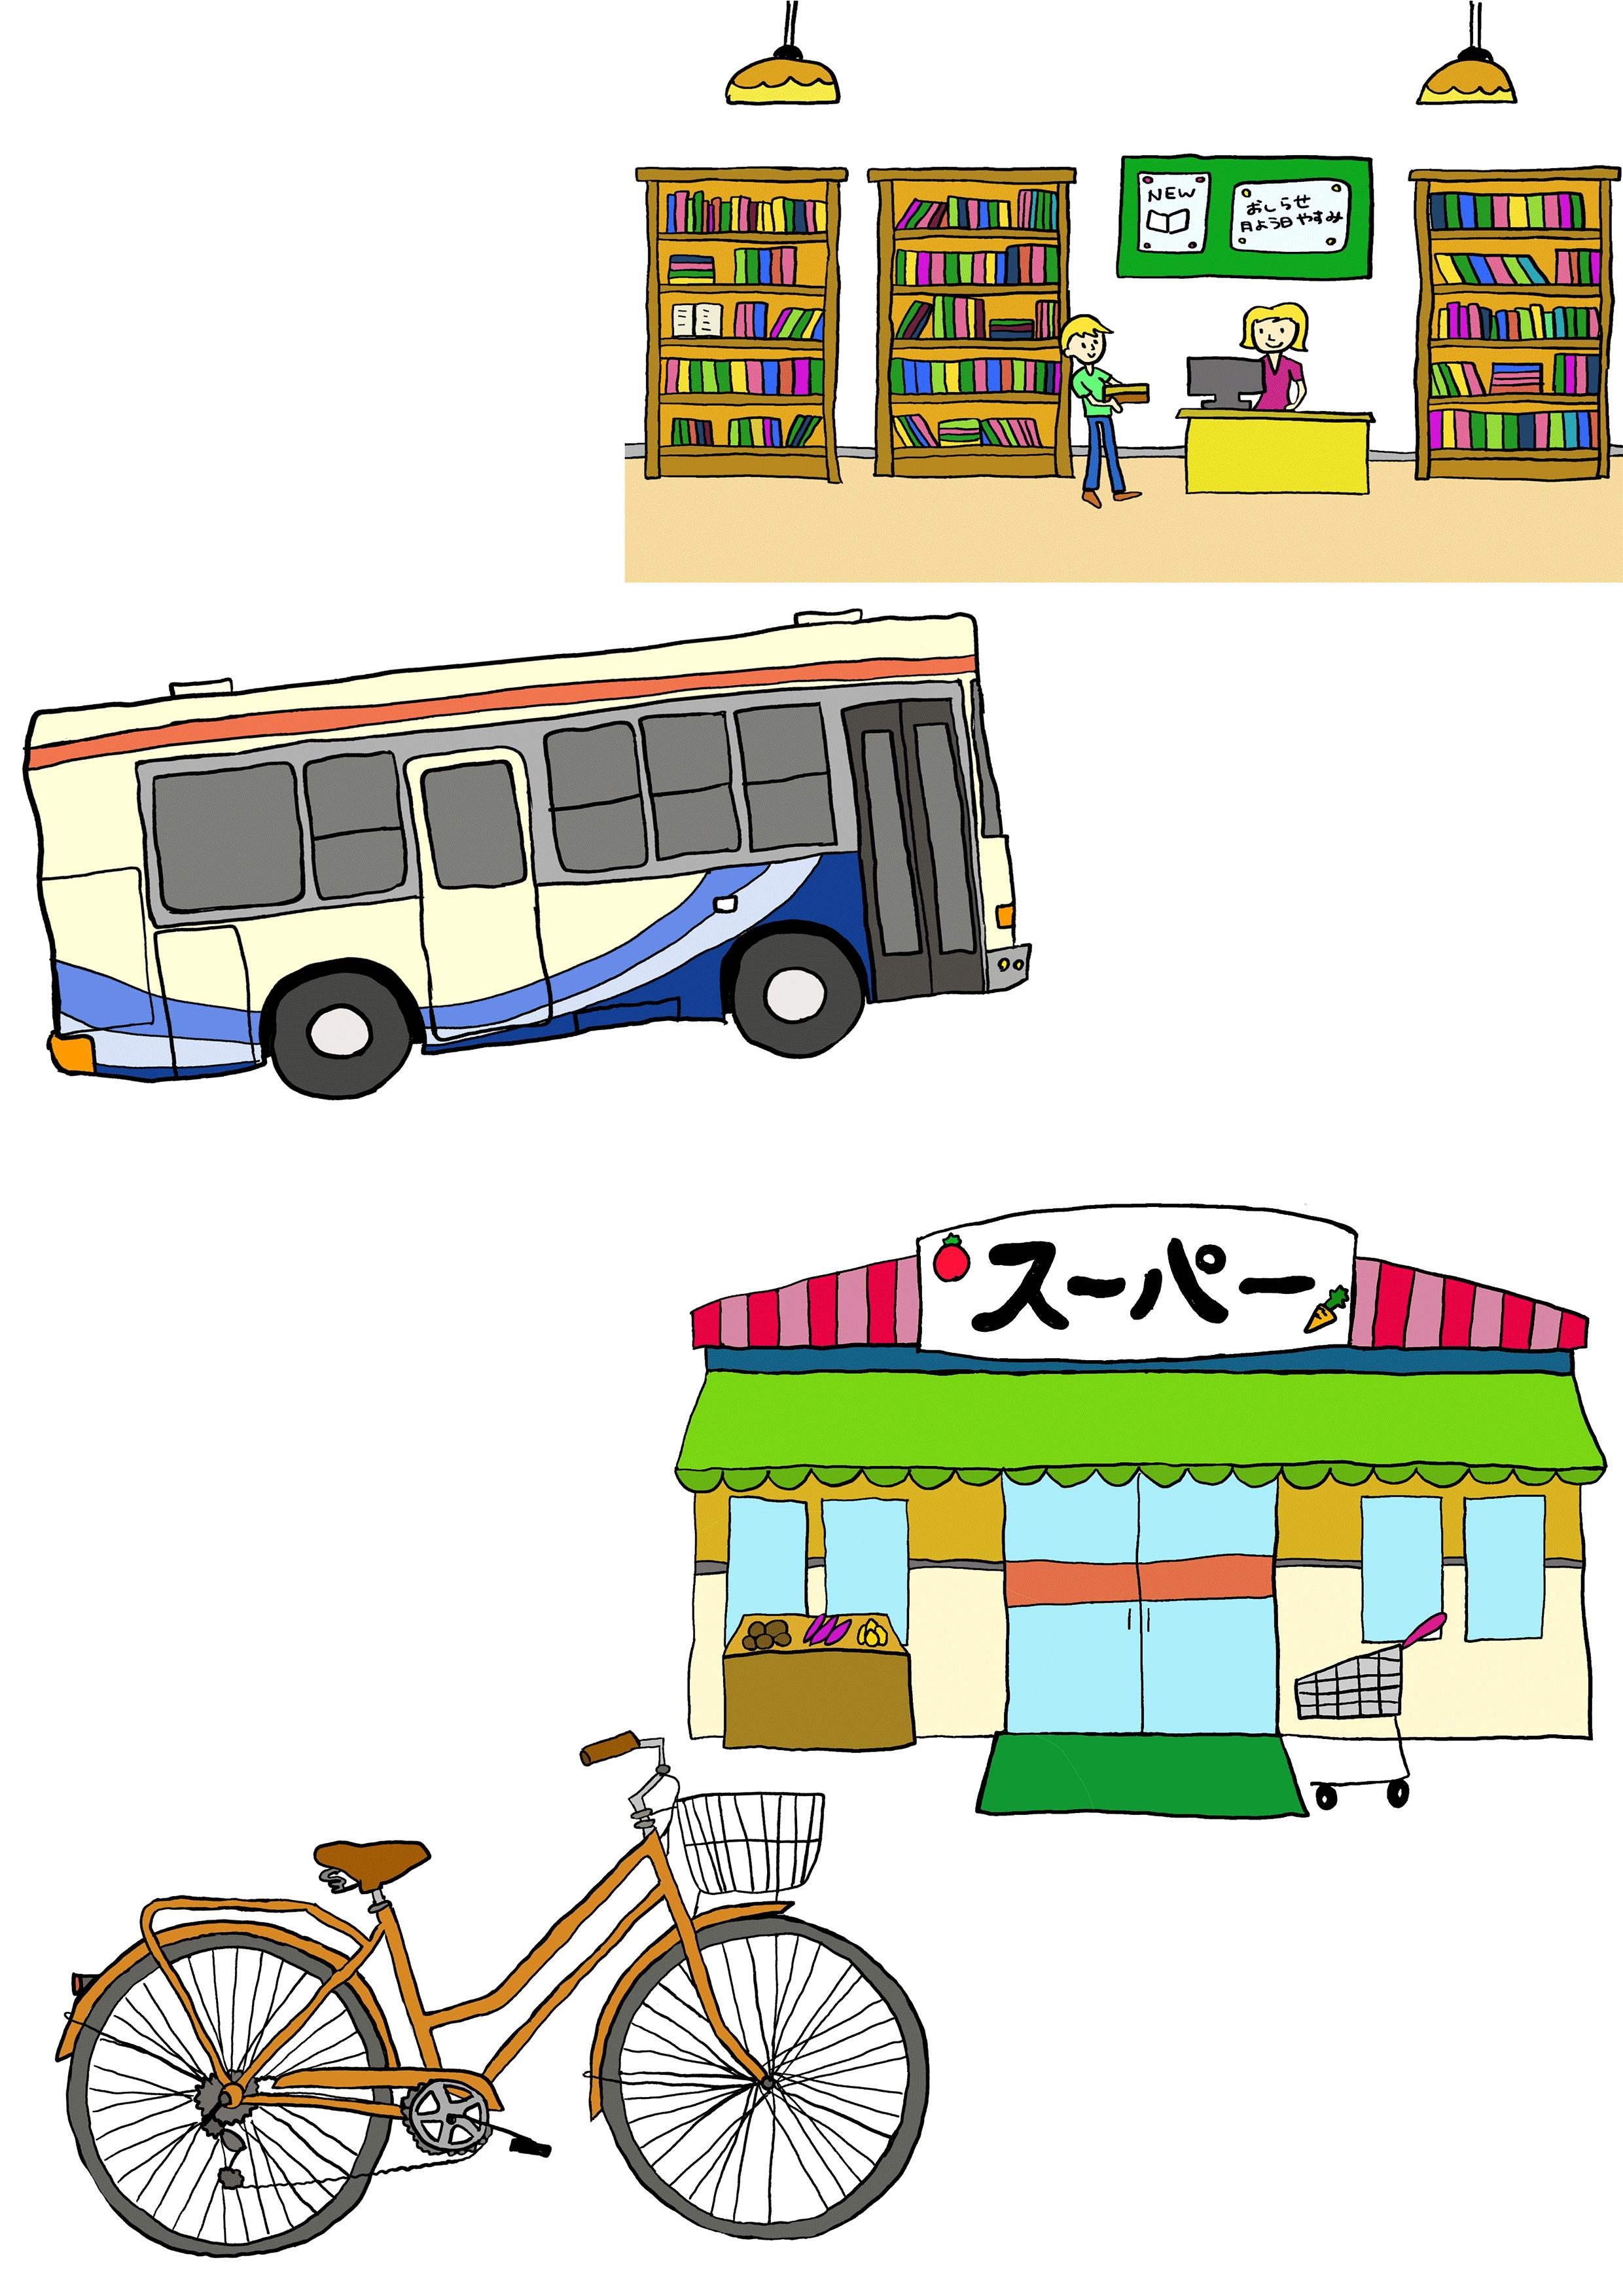 5課イラスト【バスで図書館/自転車でスーパー】